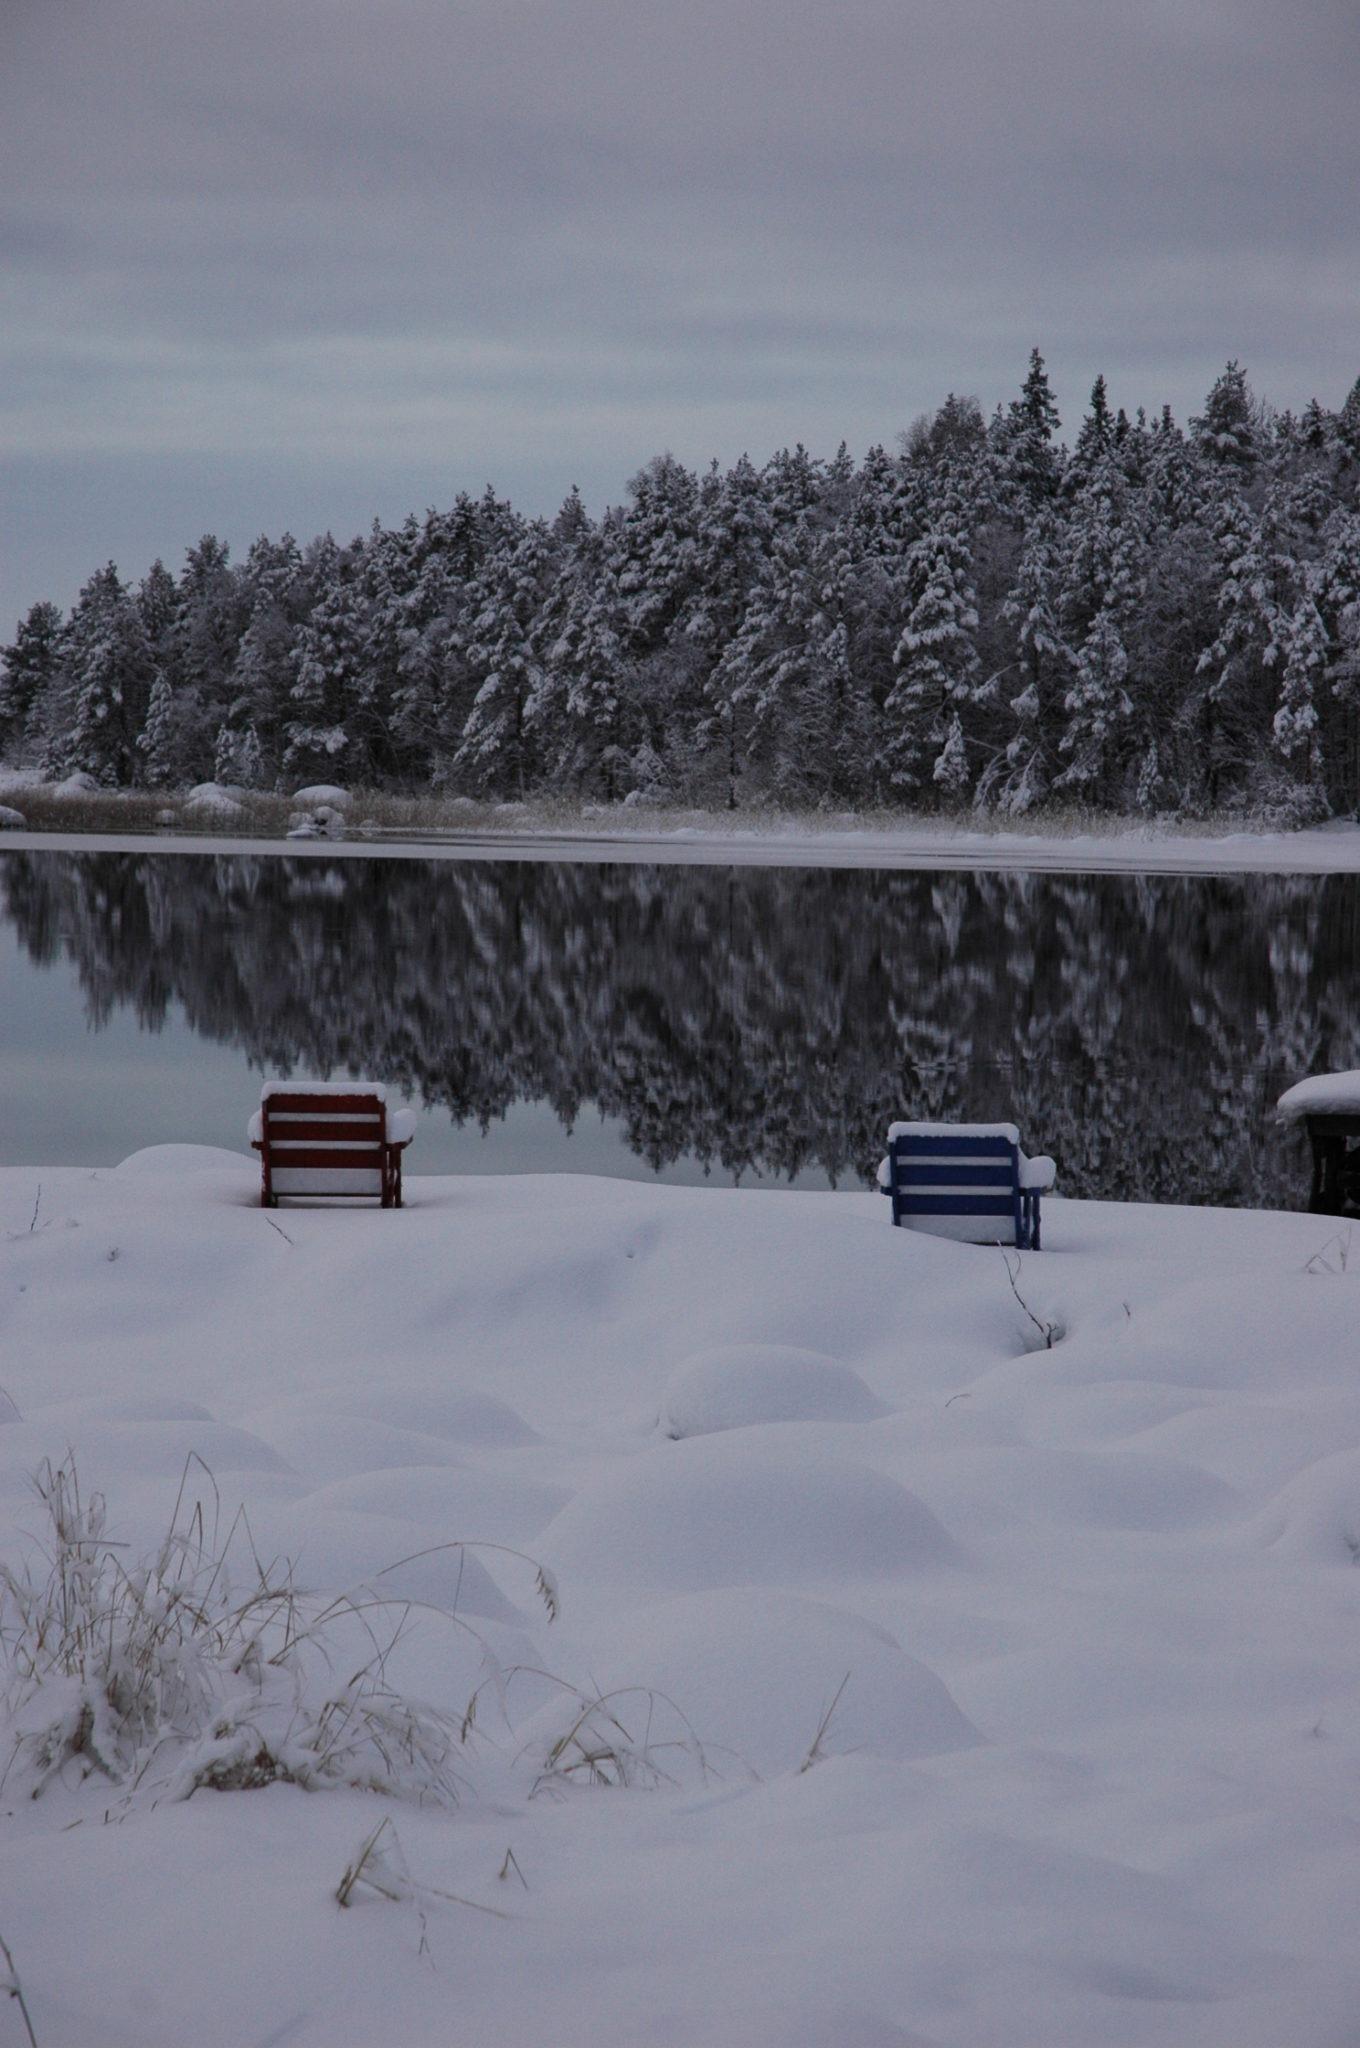 Bästa-flugfiskevatten-vinter-Gimån-Jämtland-Sverige-5.jpg